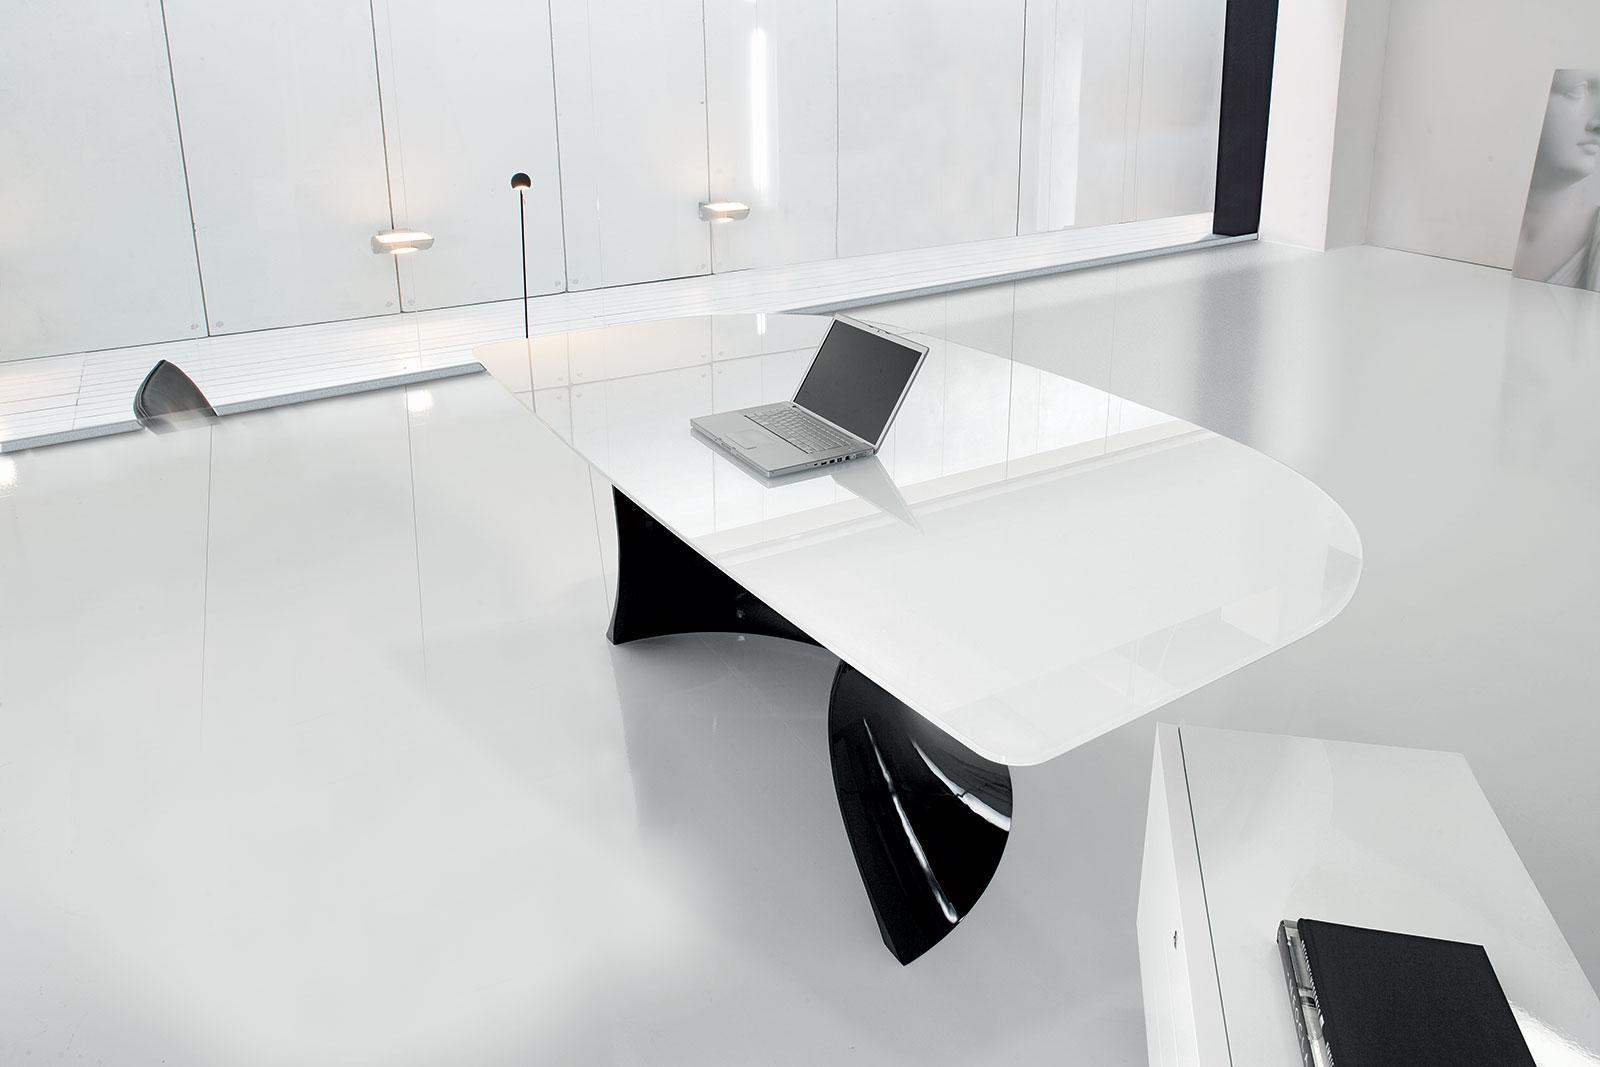 Ola black and white bureau directionnel idd - Bureau de direction luxe ...